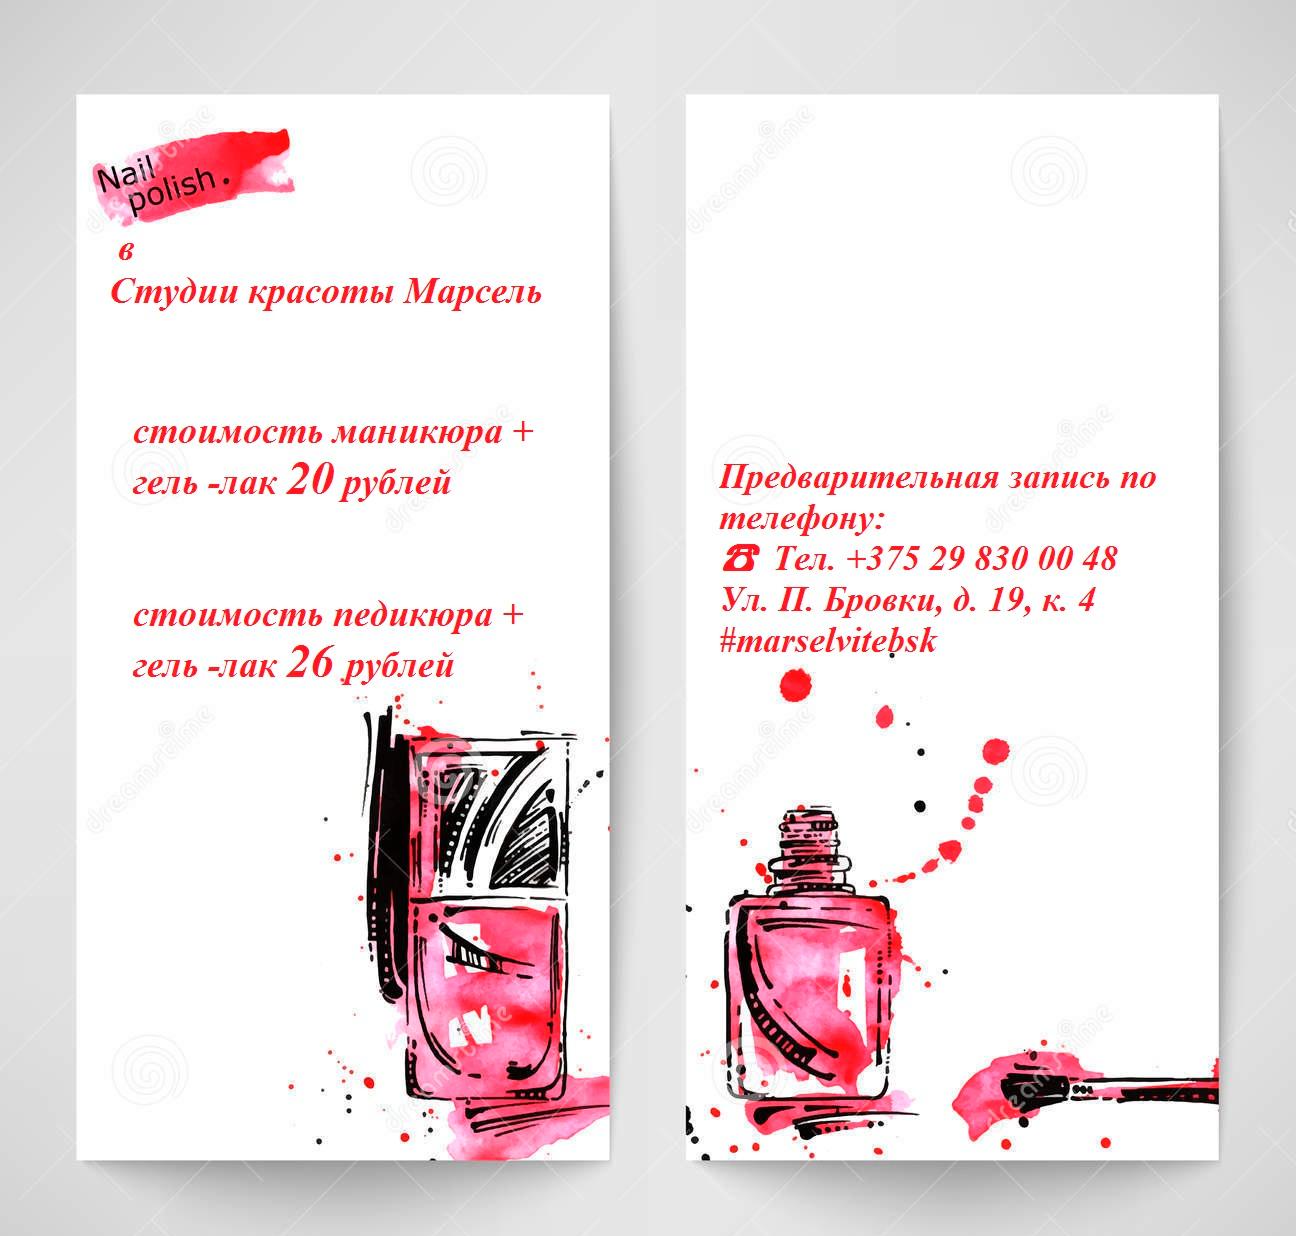 Акция на маникюр и педикюр, шеллак в СПб и другие 49